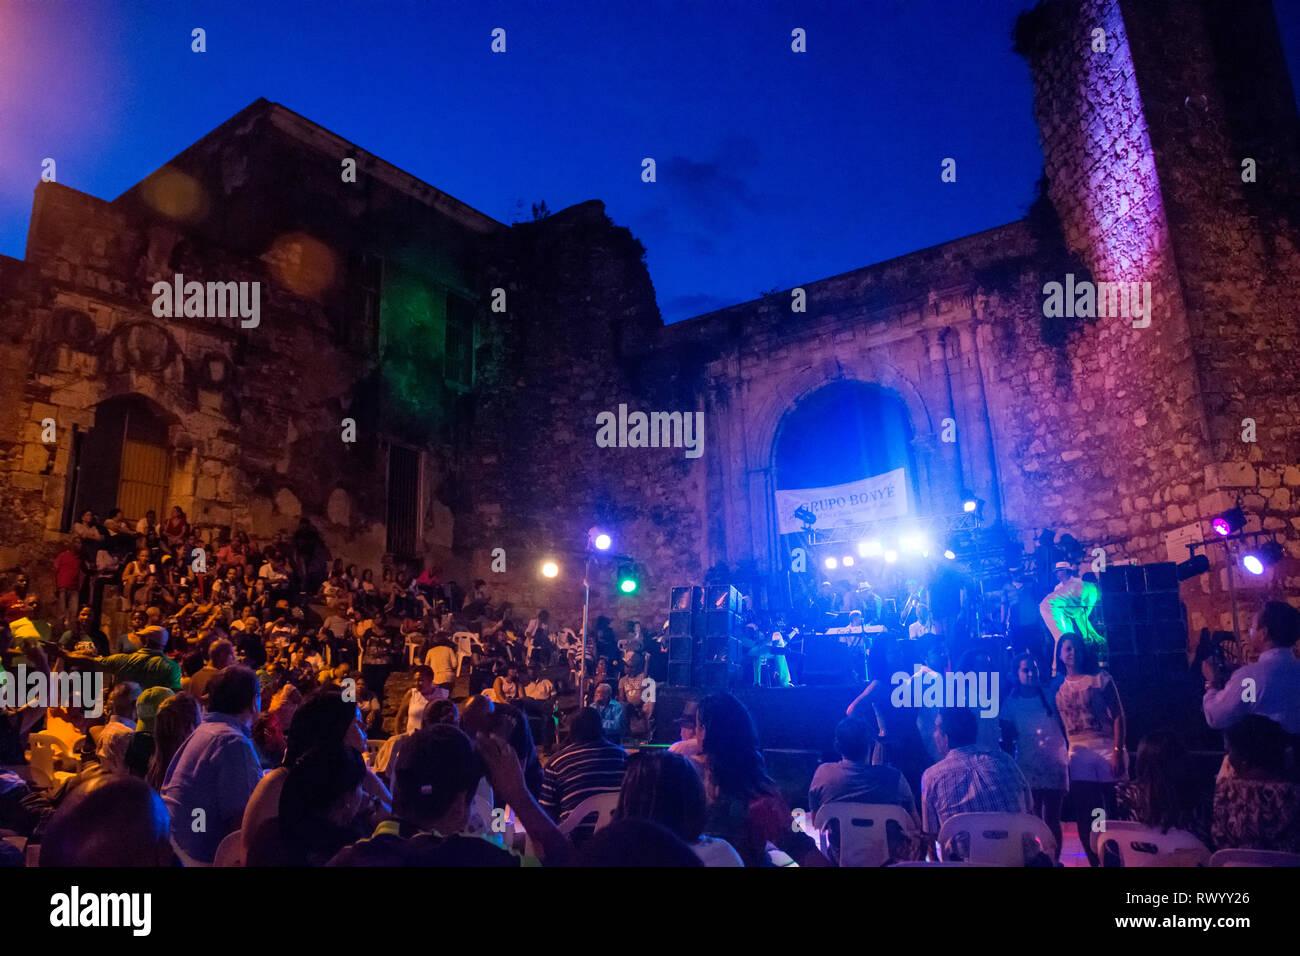 El concierto al aire libre del Grupo Bonyé en La Zona Colonial, en frente de las ruinas de San Francisco, originalmente un monasterio franciscano construido en el beginn Imagen De Stock